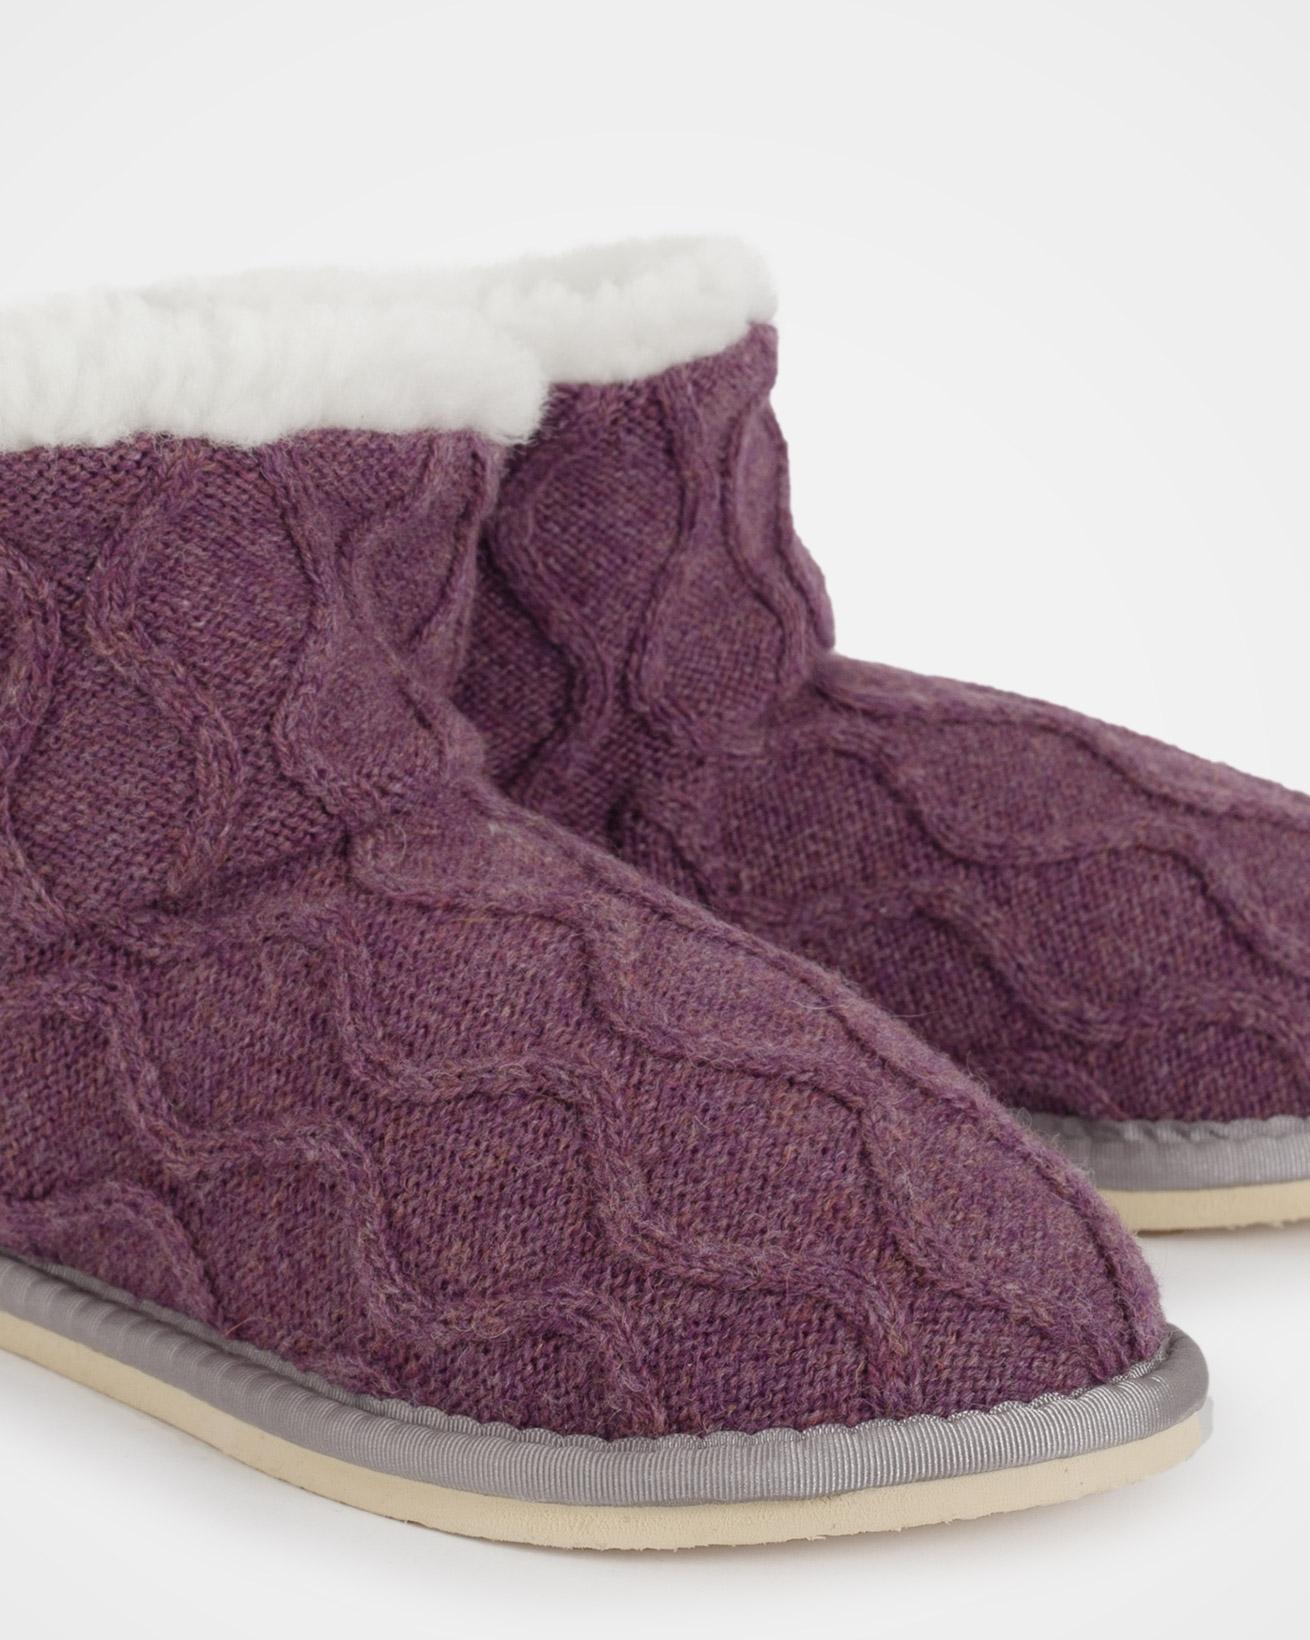 6610_knitted-shortie_sloeberry_detail.jpg